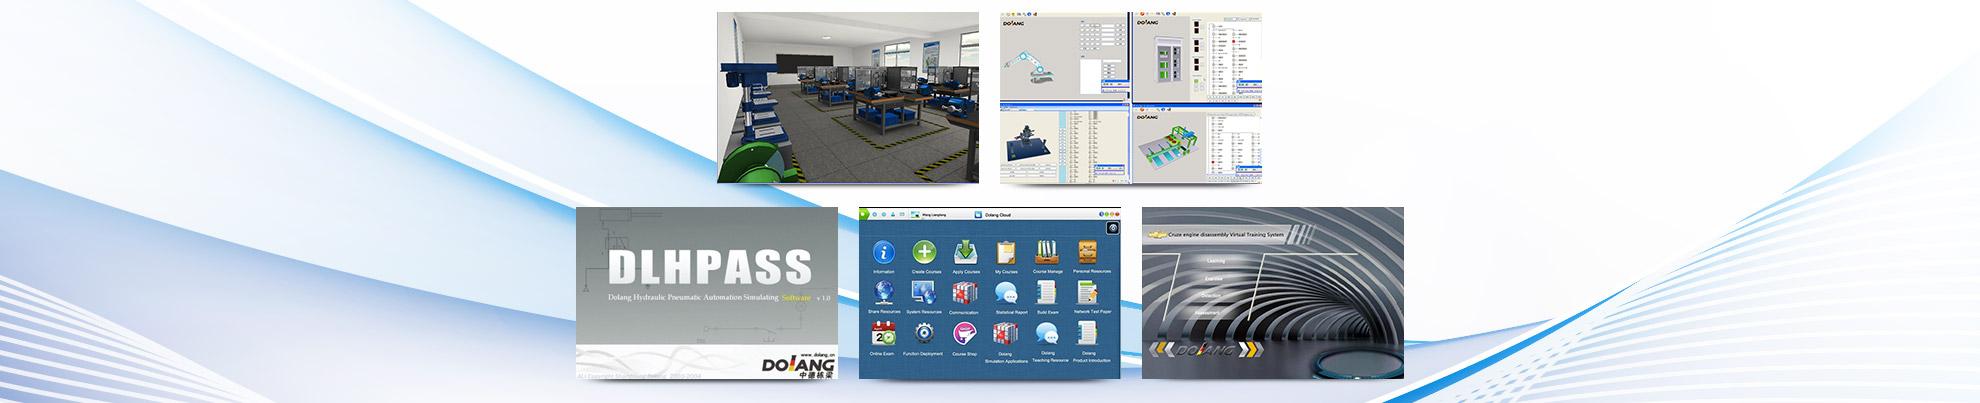 Учебное оборудование для сферы профессионально-технического образования